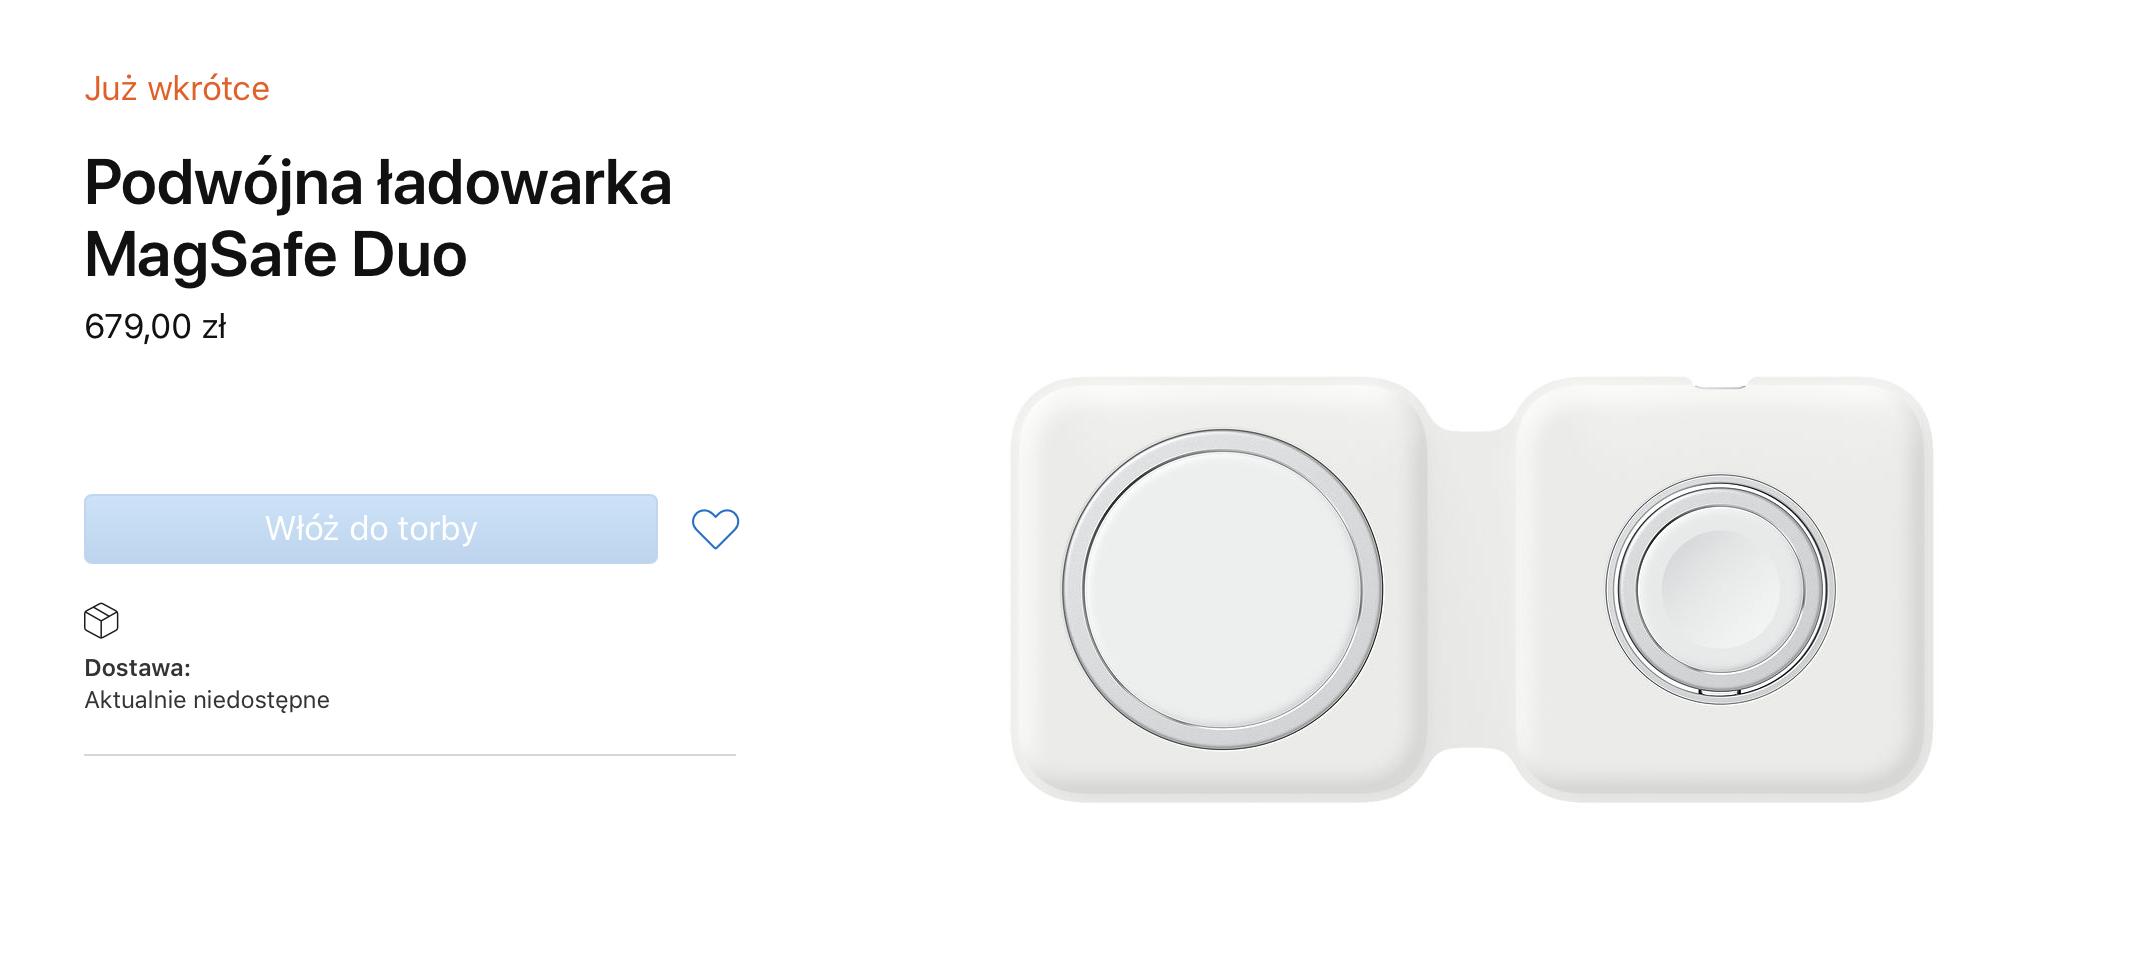 Ładowarka Apple MagSafe Duo